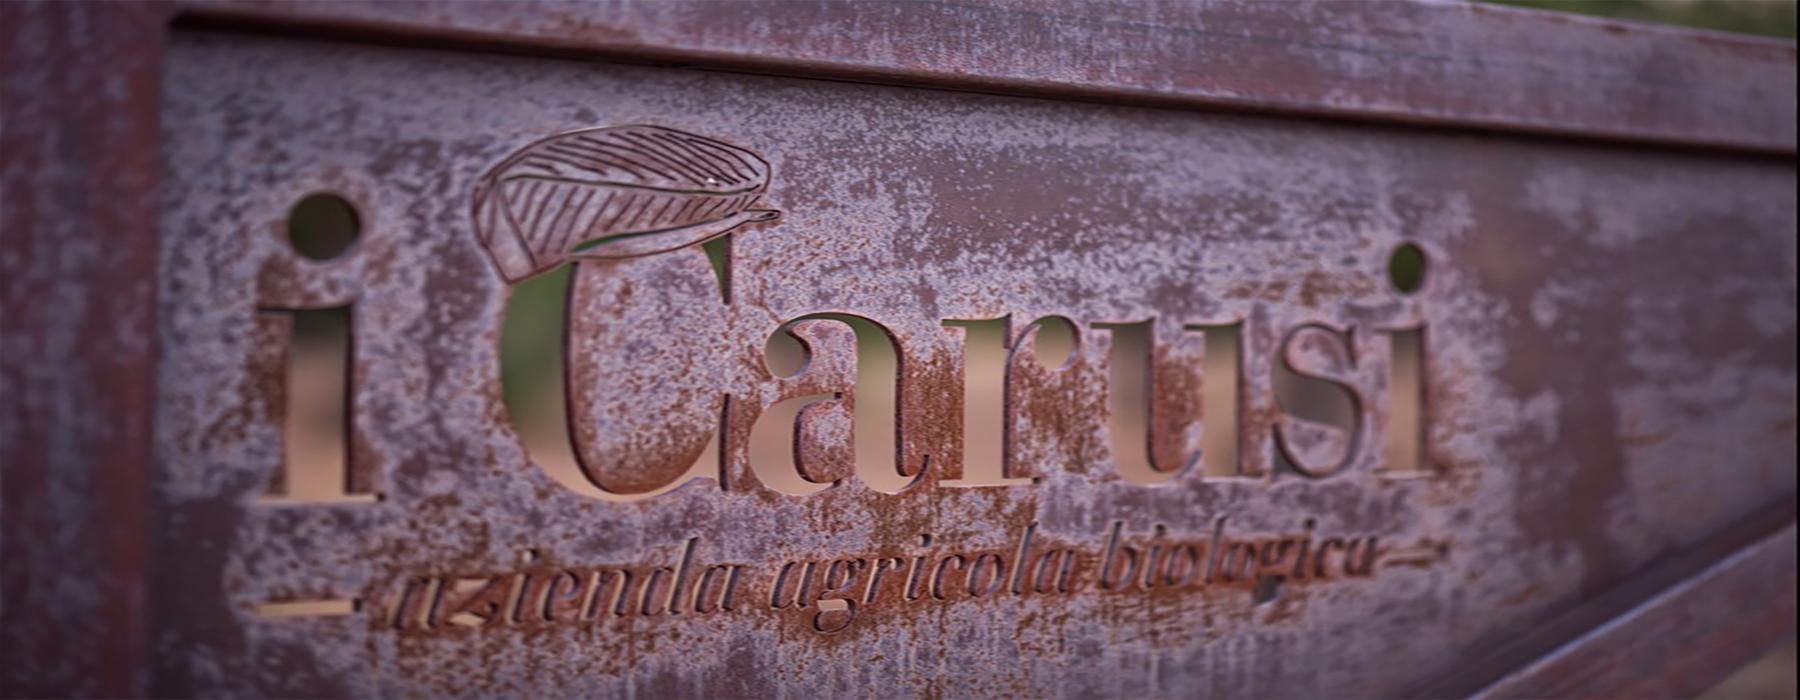 I CARUSI – Azienda Agricola Biologica